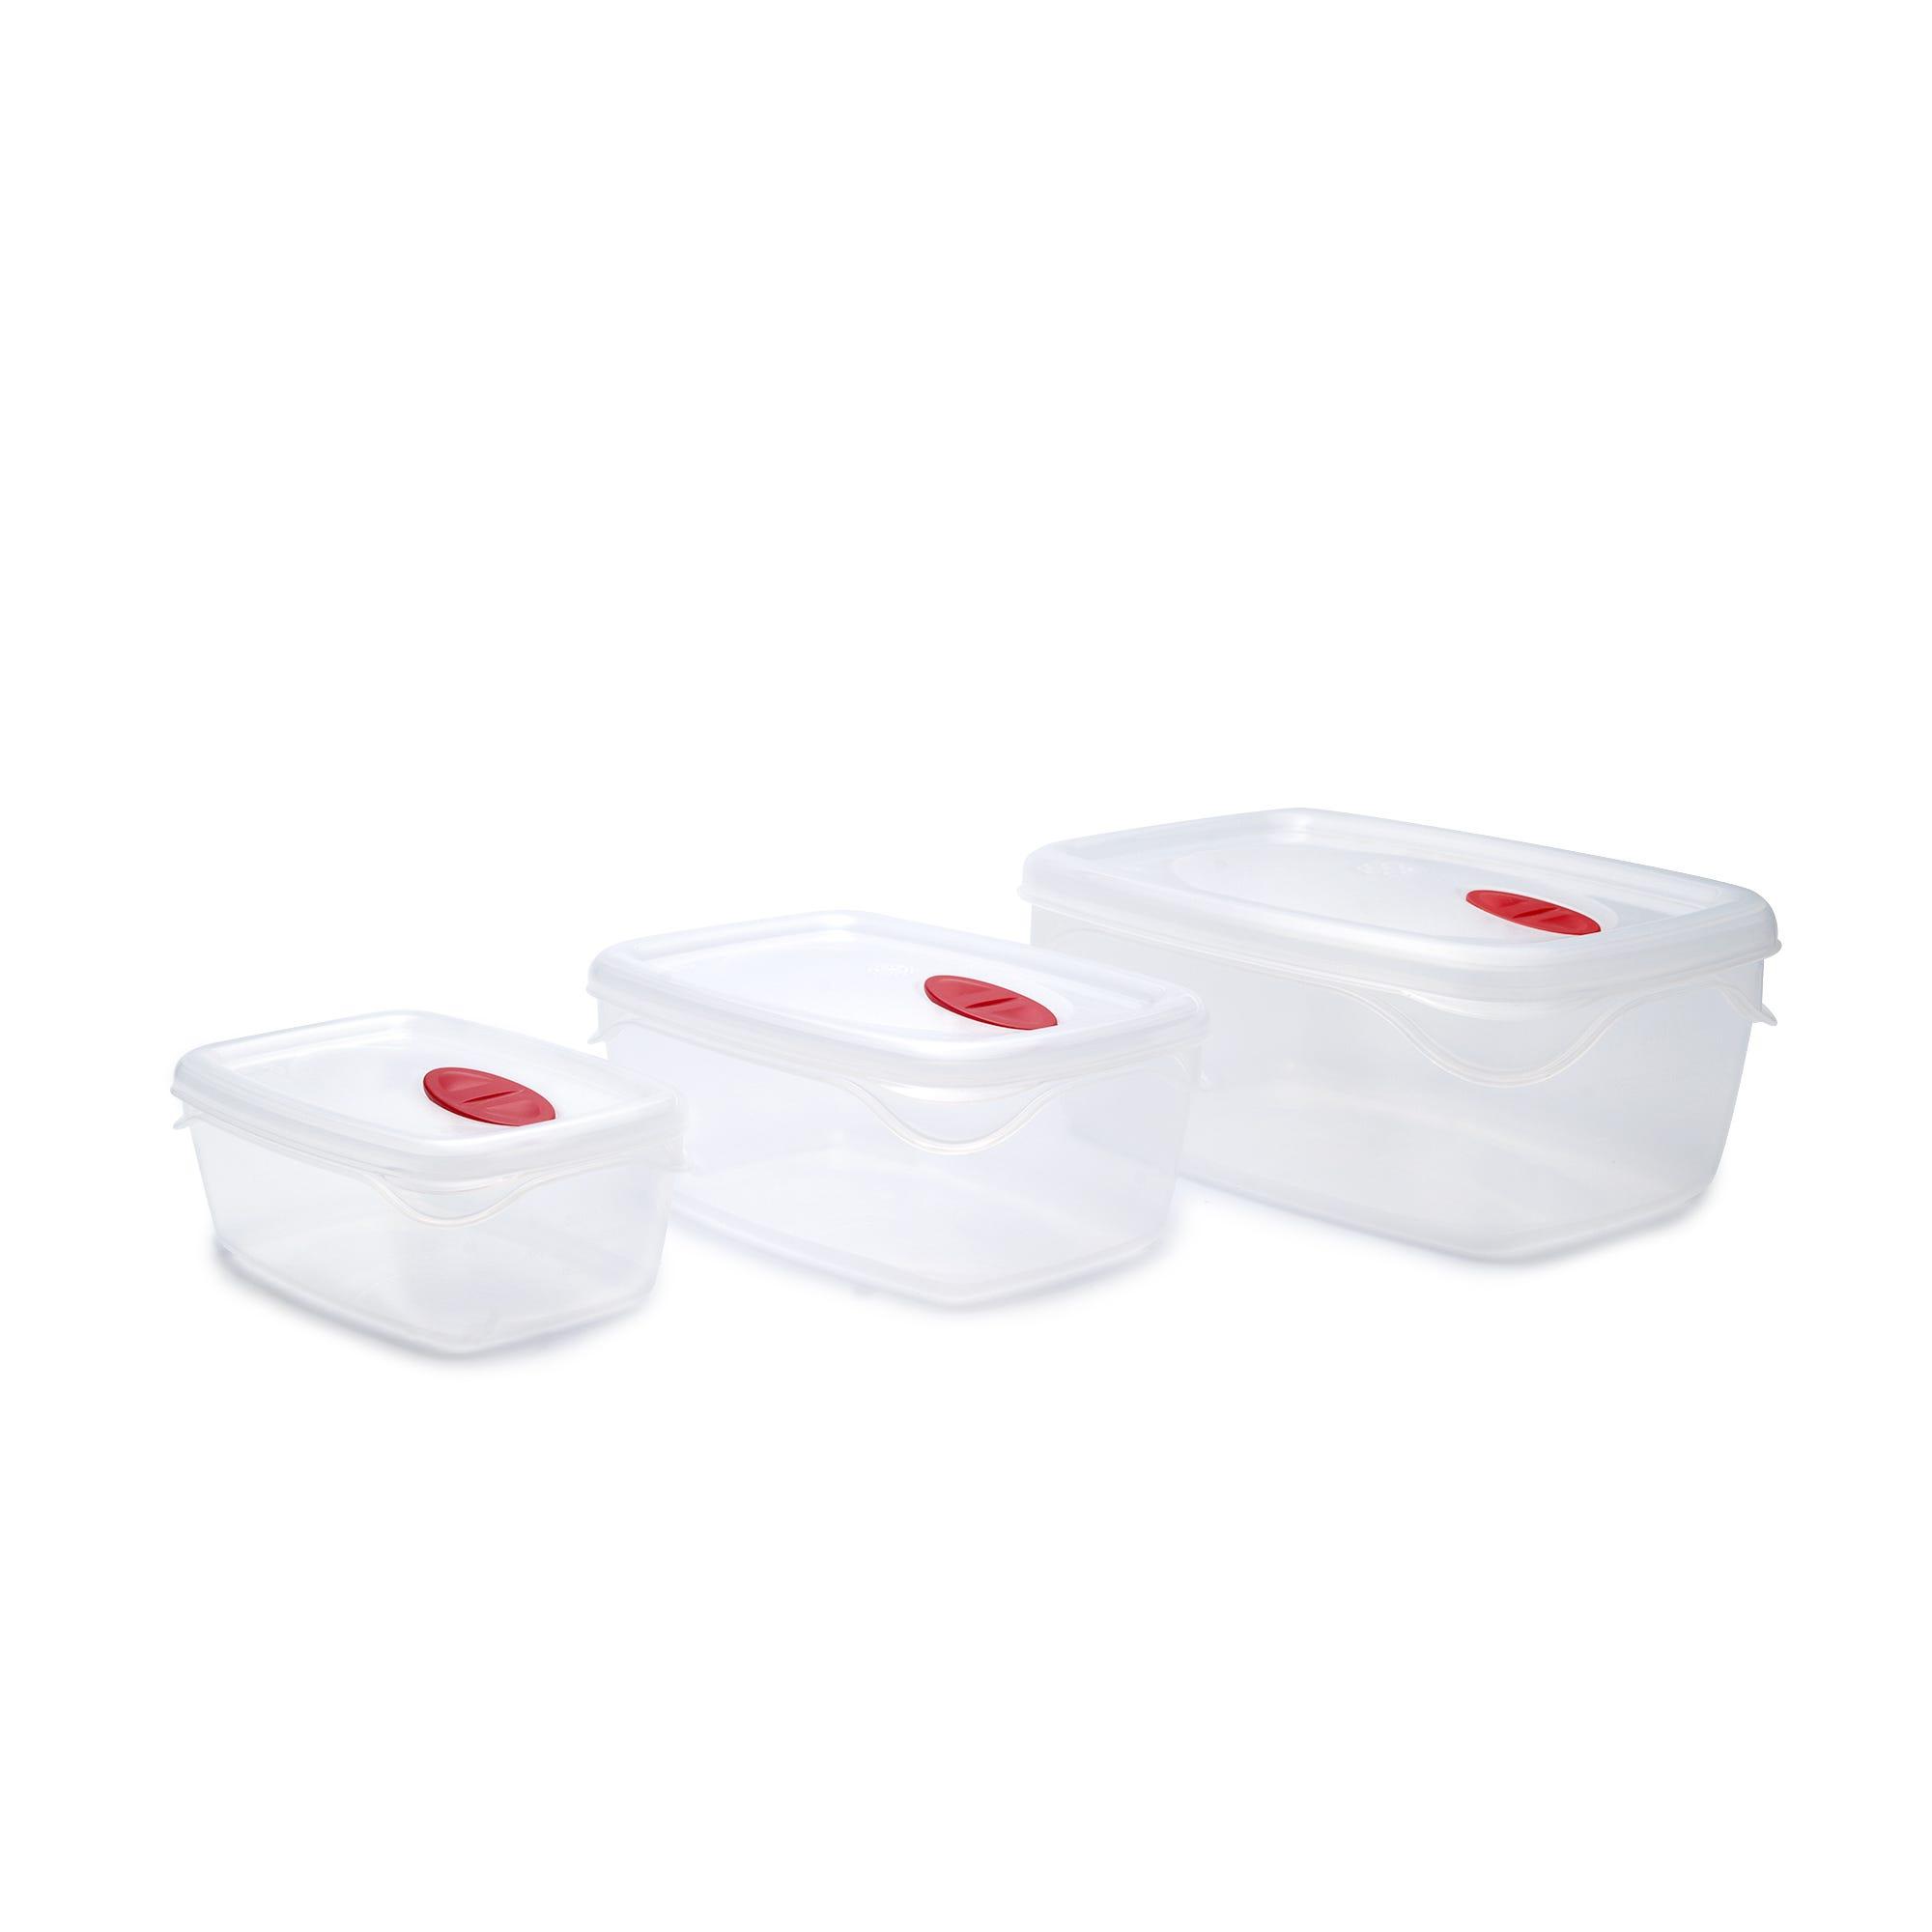 Set de contenedores rectangulares, Bama 6 piezas